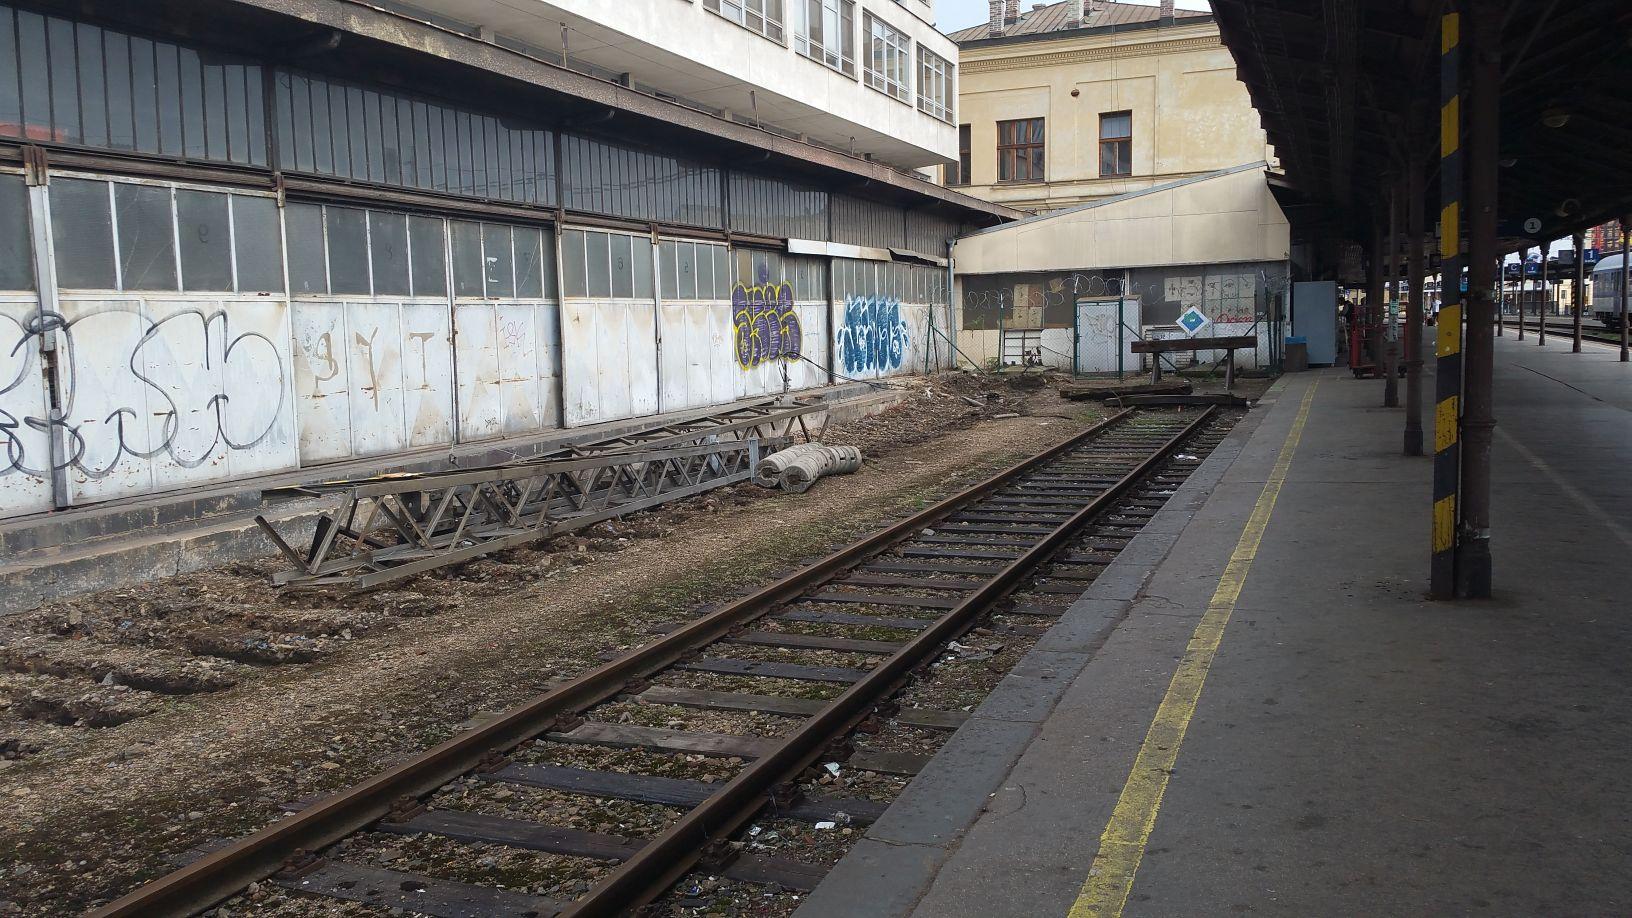 Pošta u horního (hlvního) nádraží